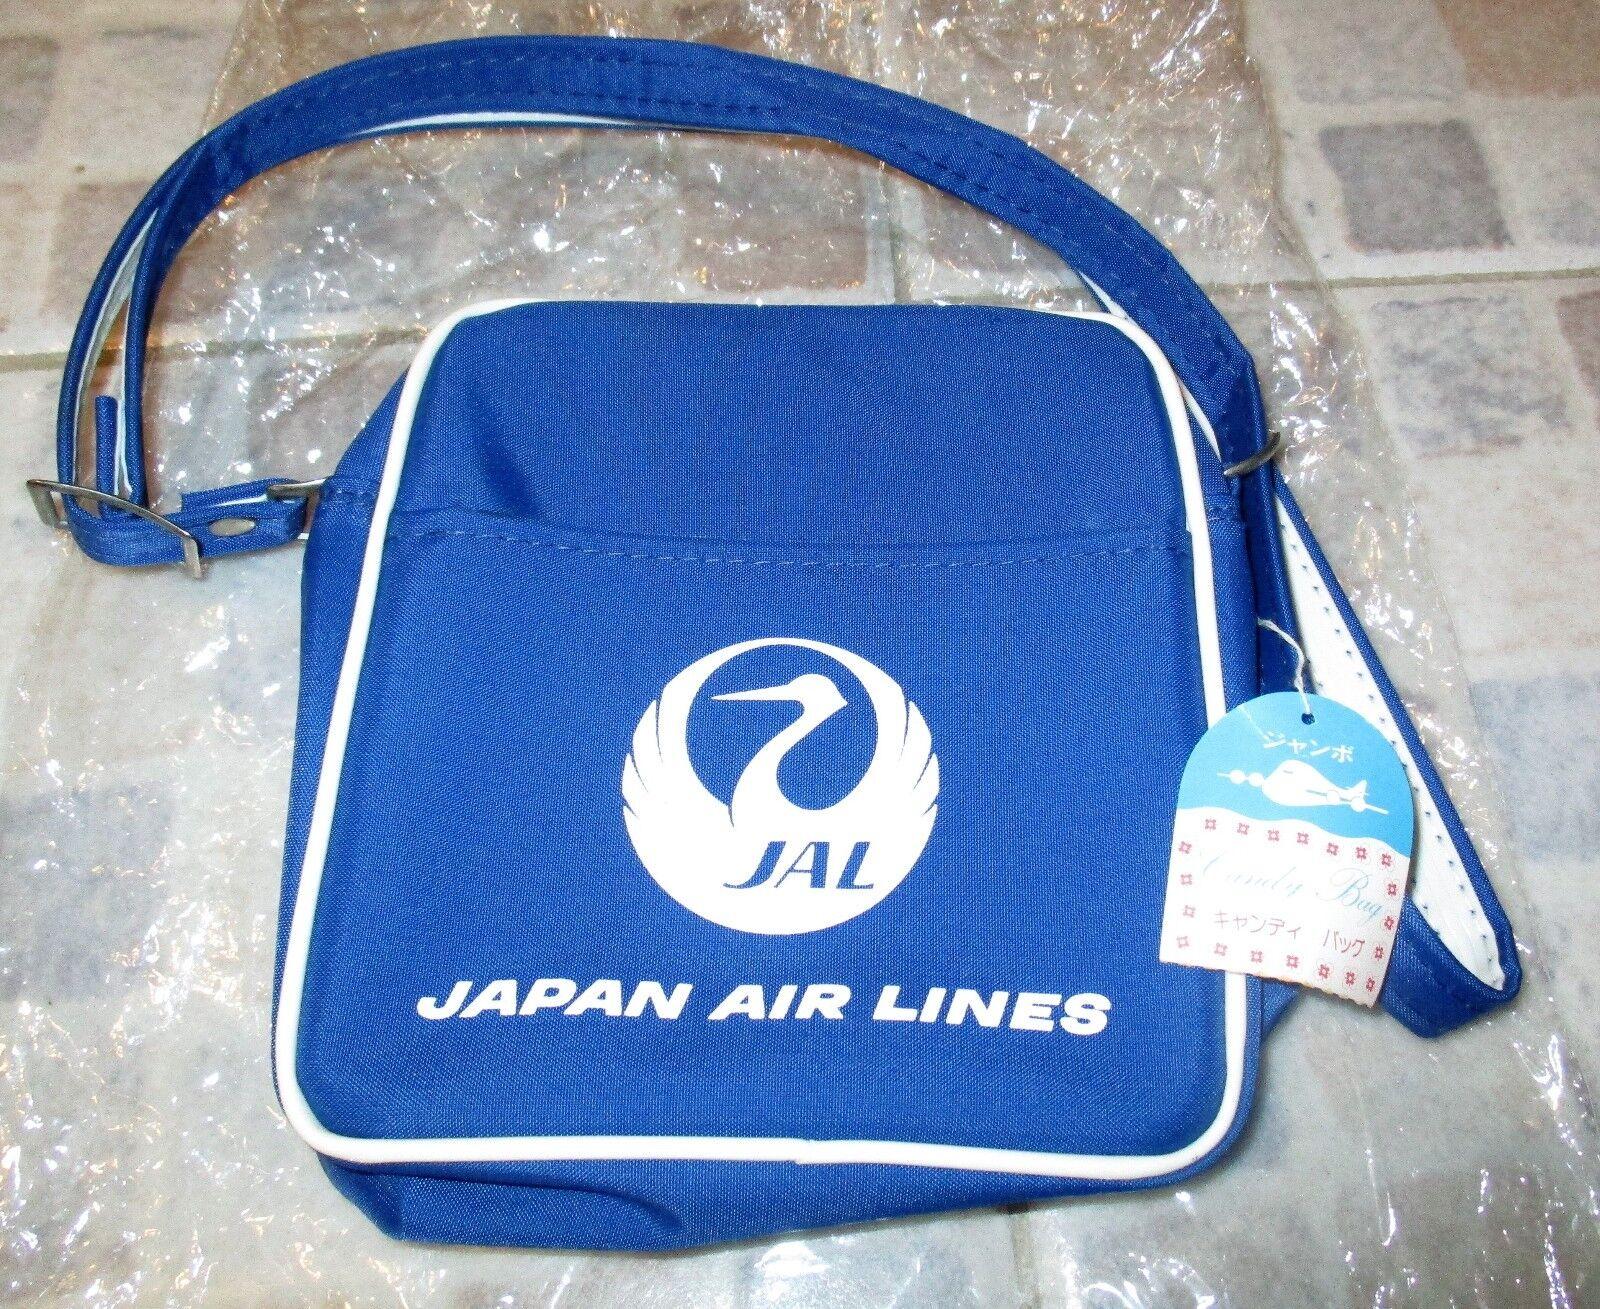 Vintage JAL Japan Air Lines Small Travel Bag Candy Bag Shoulder Bag Mint